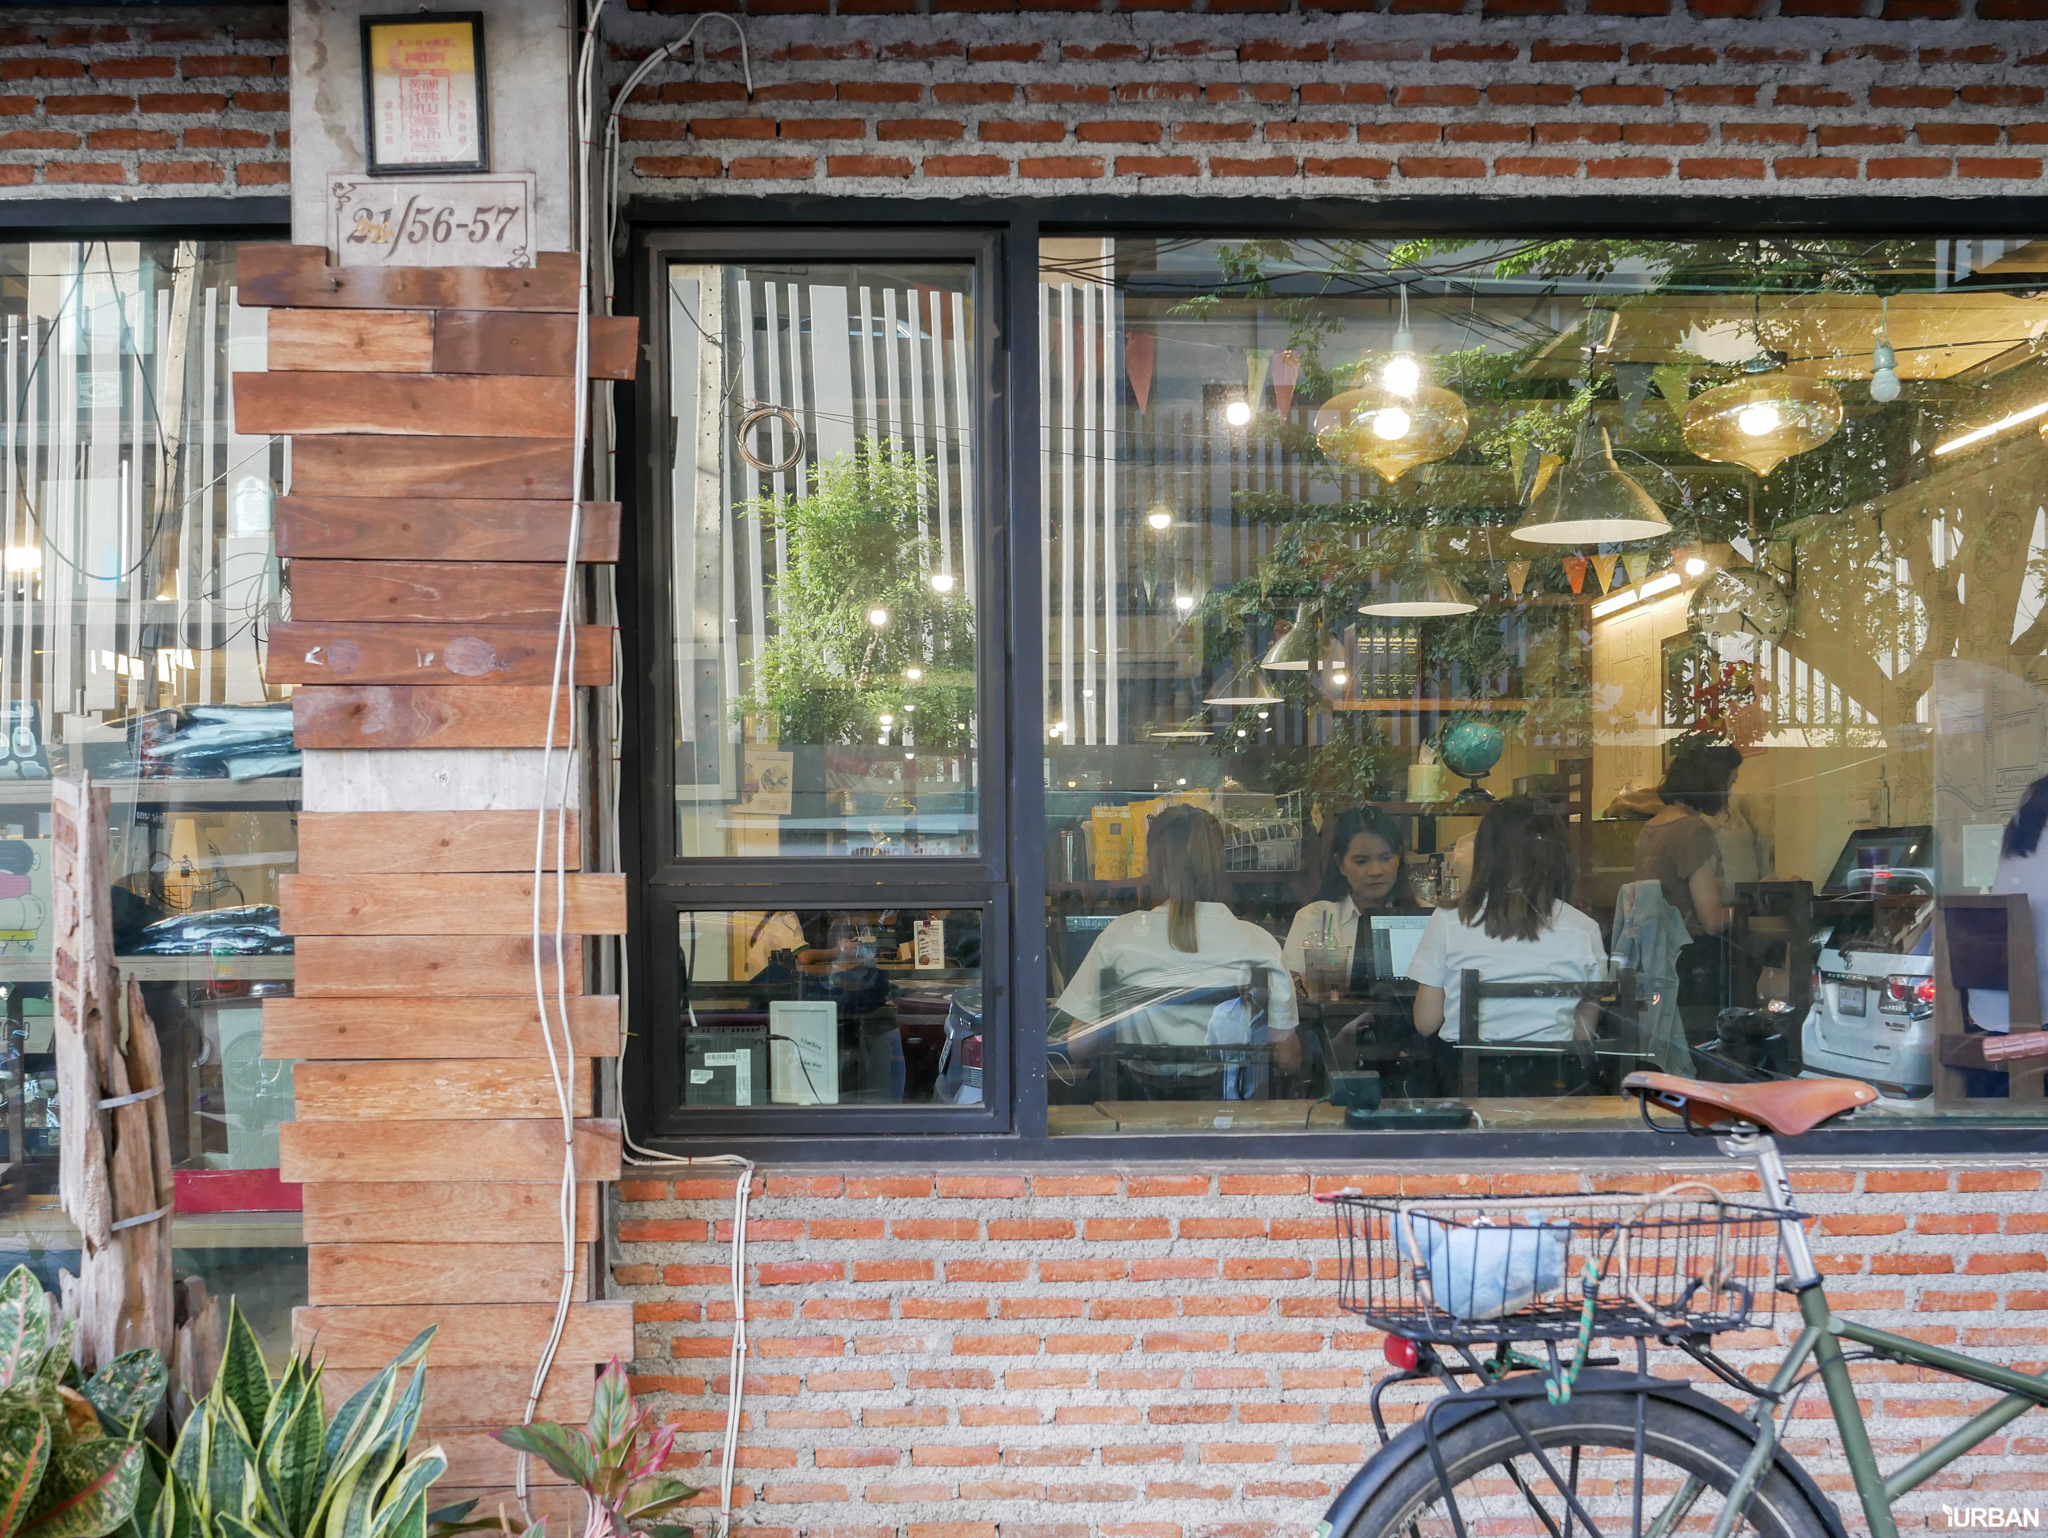 14 ร้านกาแฟ ม.เกษตร คาเฟ่สไตล์นักศึกษาและคนทำงาน + สำรวจ Co-Working Space ที่ KENSINGTON KASET CAMPUS (เคนซิงตัน เกษตร แคมปัส) 20 - cafe